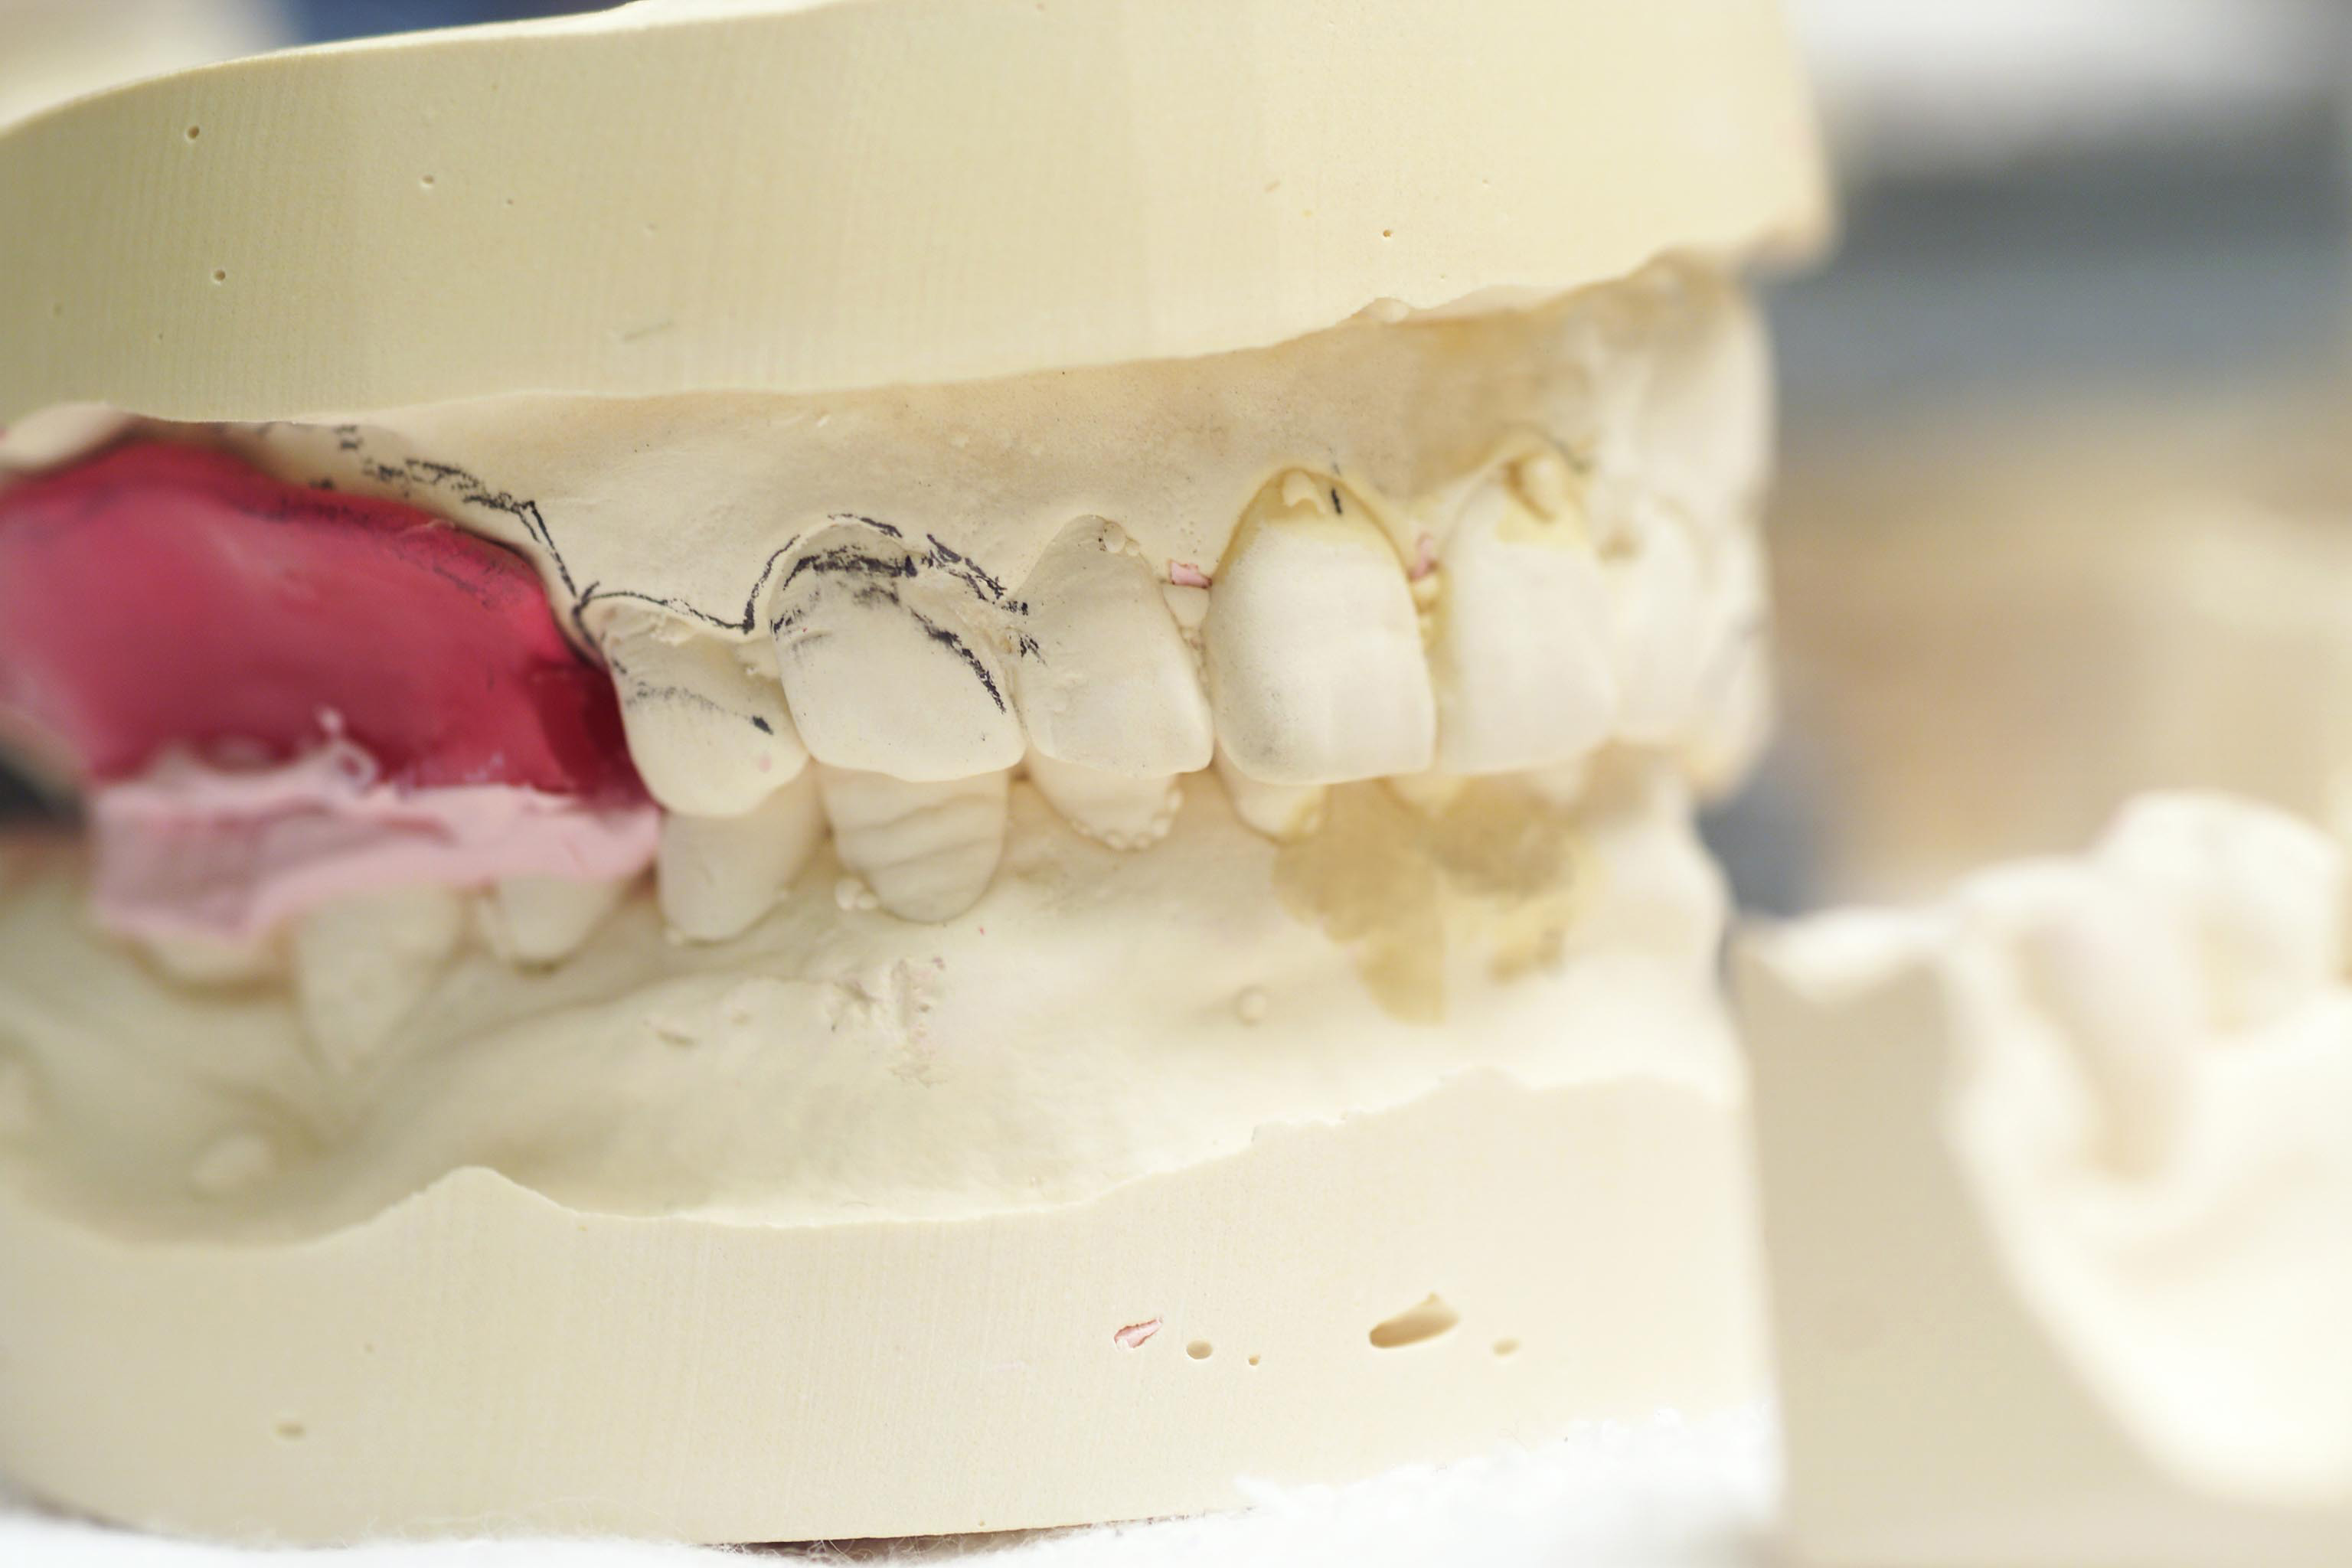 当院は高松でインプラントなどの口腔外科の治療を行っております